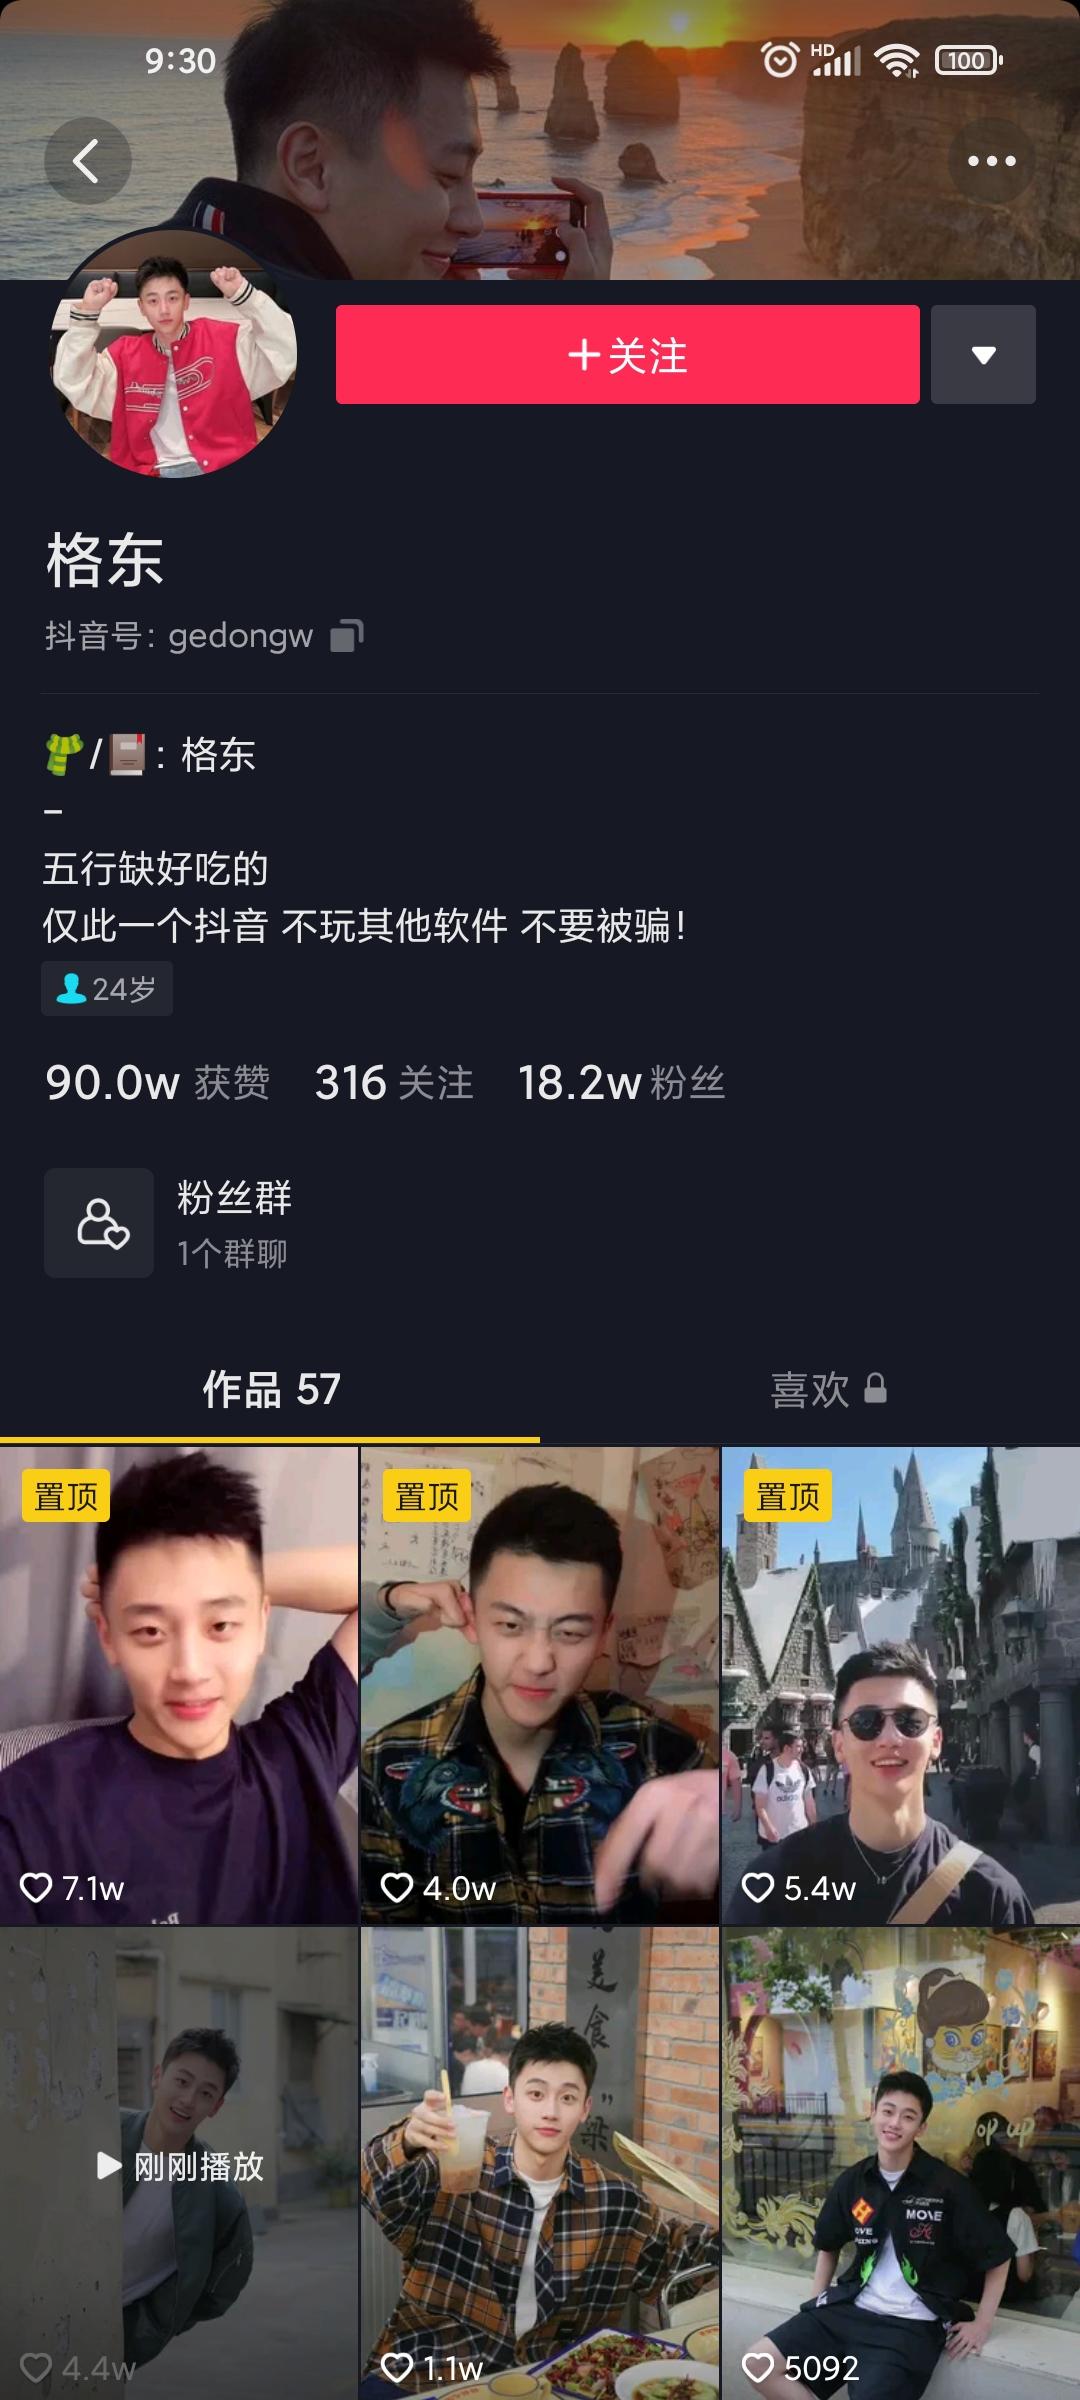 抖音帅哥格东 抖音号:gedongw,抖友社区,douyoushequ.com